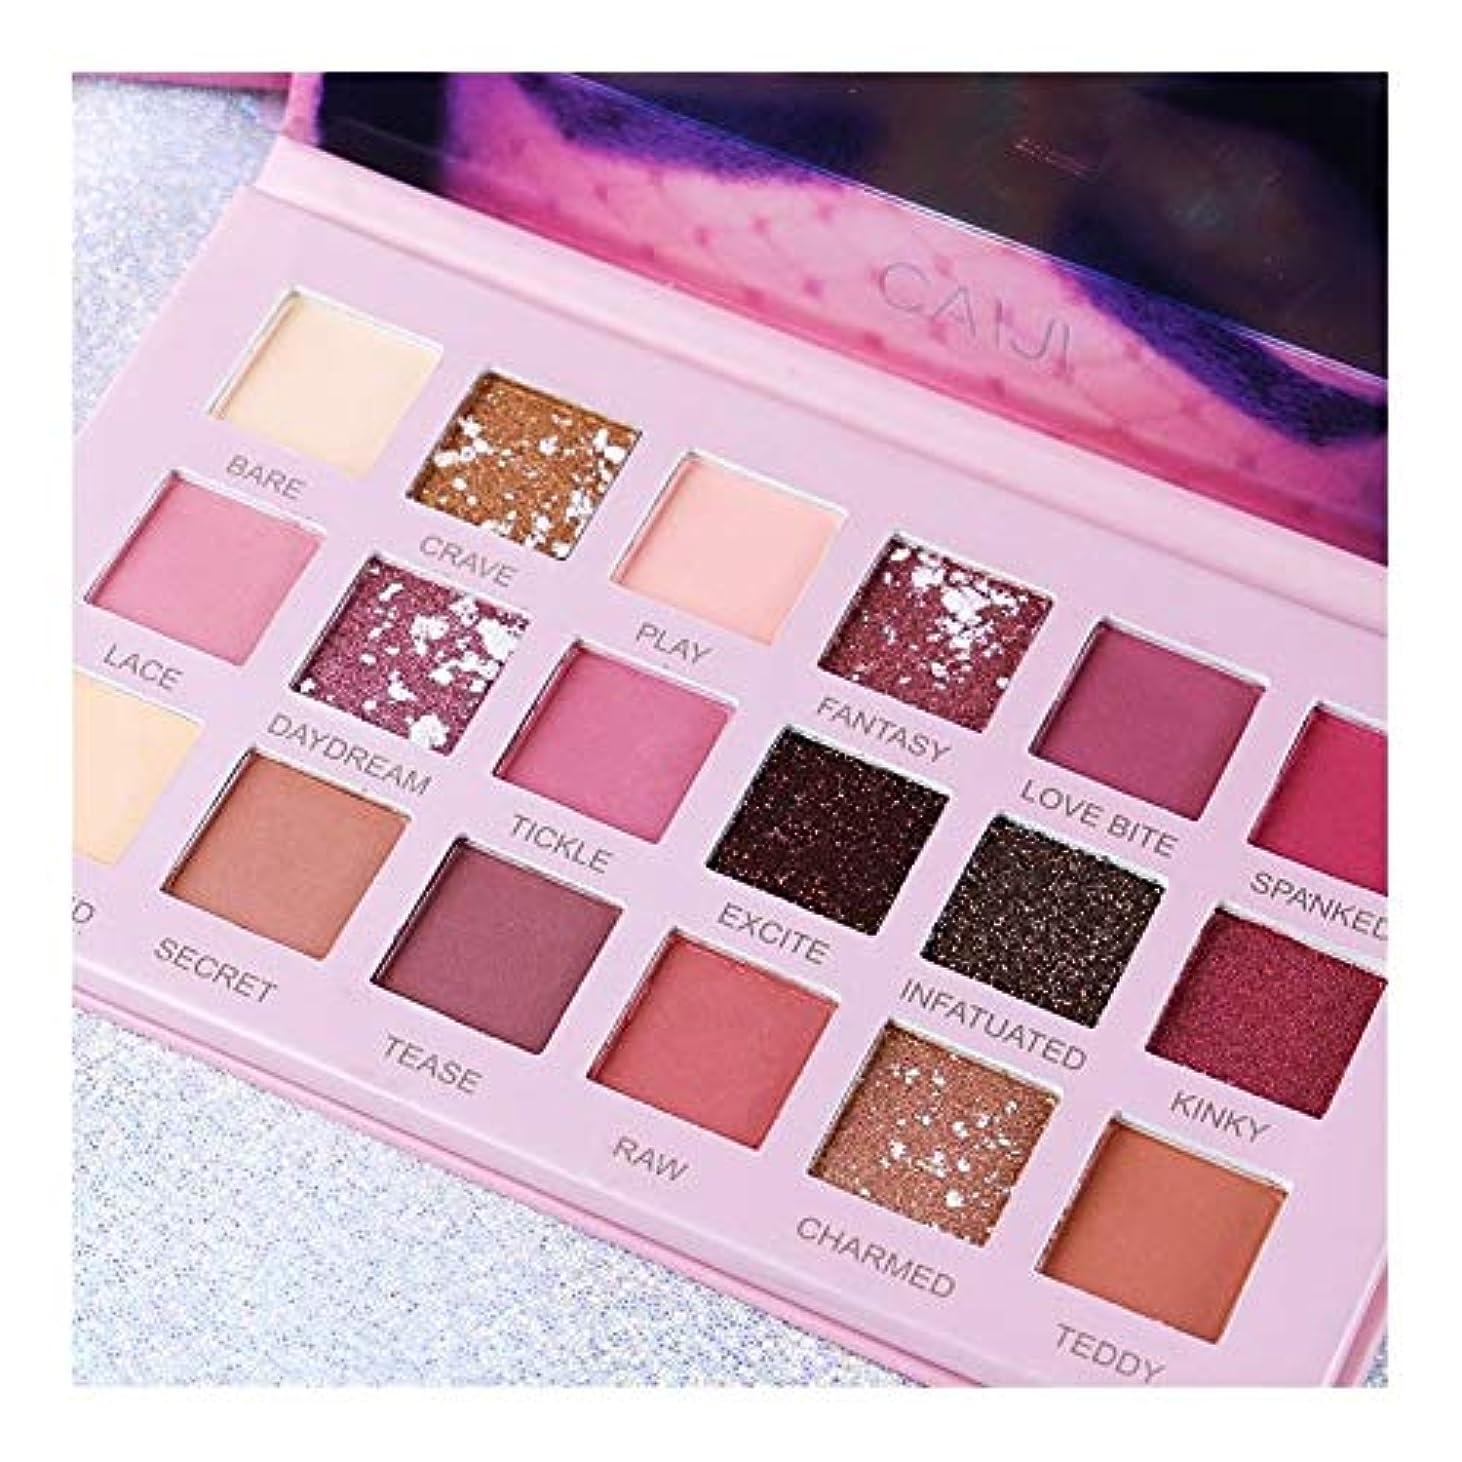 錆びフェデレーションキャンドル美容新しいヌードアイシャドウパレットメタリックグリッターアイシャドウ簡単に着用アイメイクアップパレット18色パレットマキエージュyeux (Color : Desert dusk eyeshado)